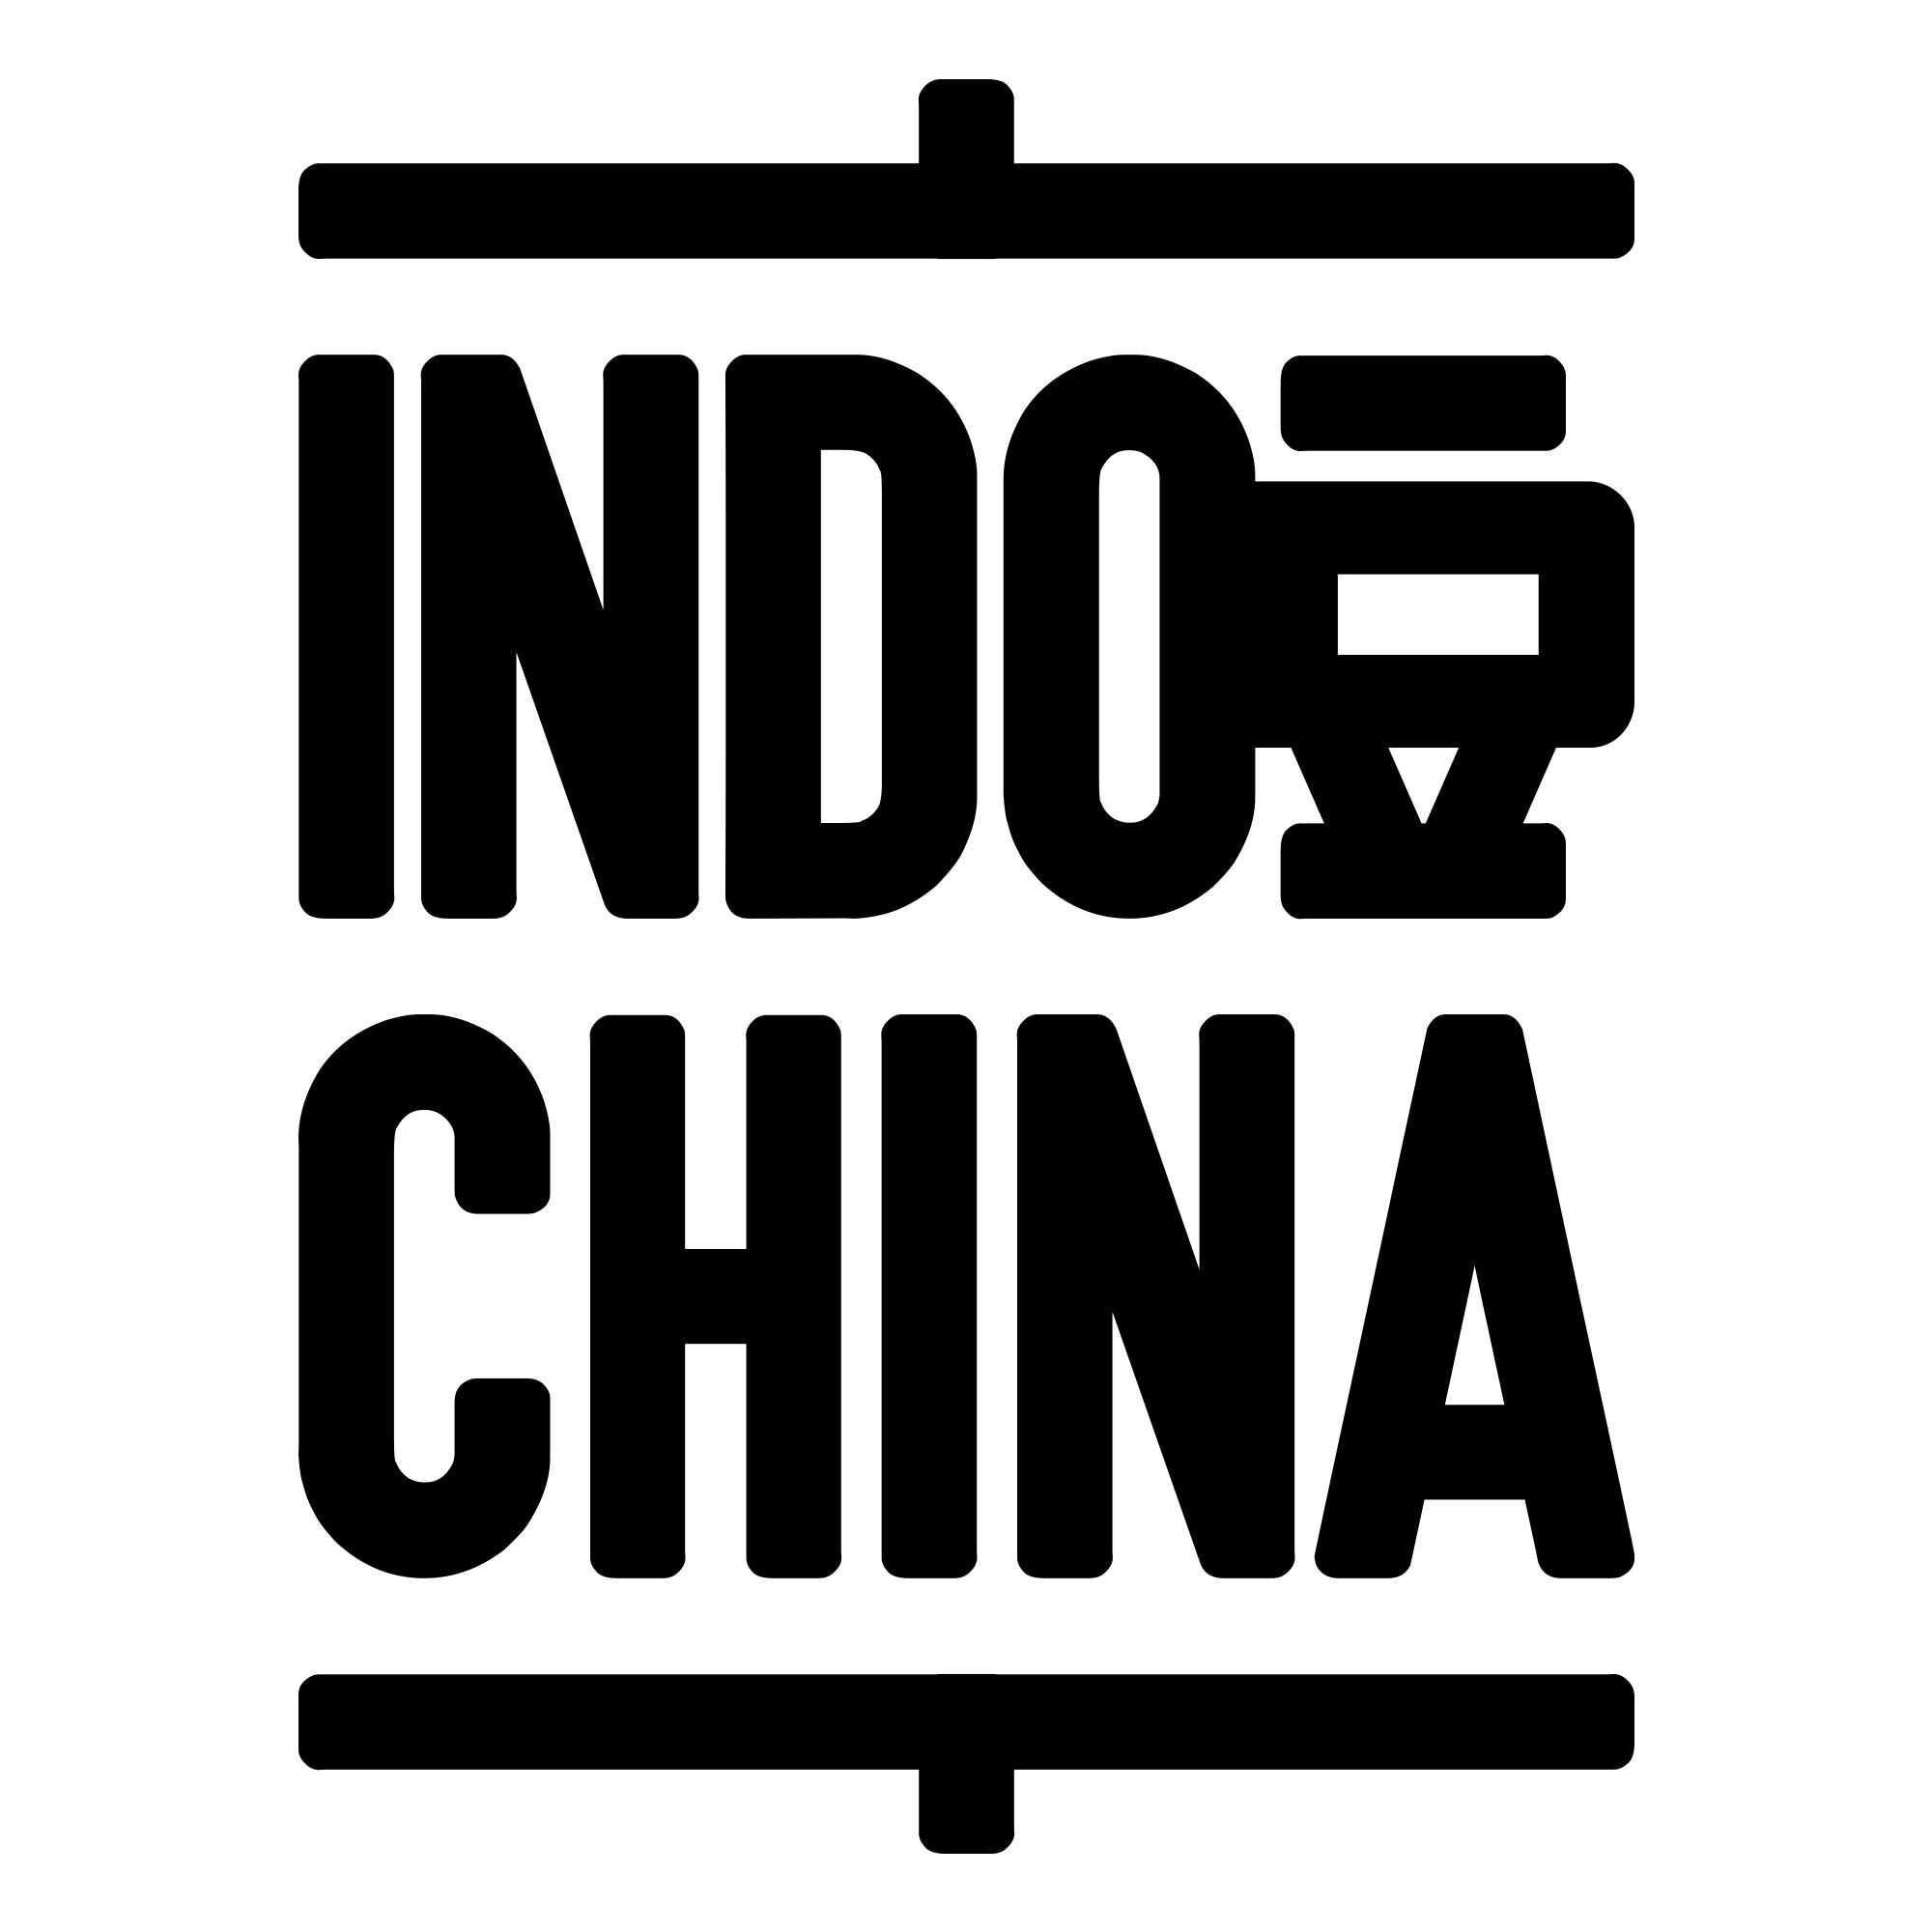 logo1_jpg.jpg